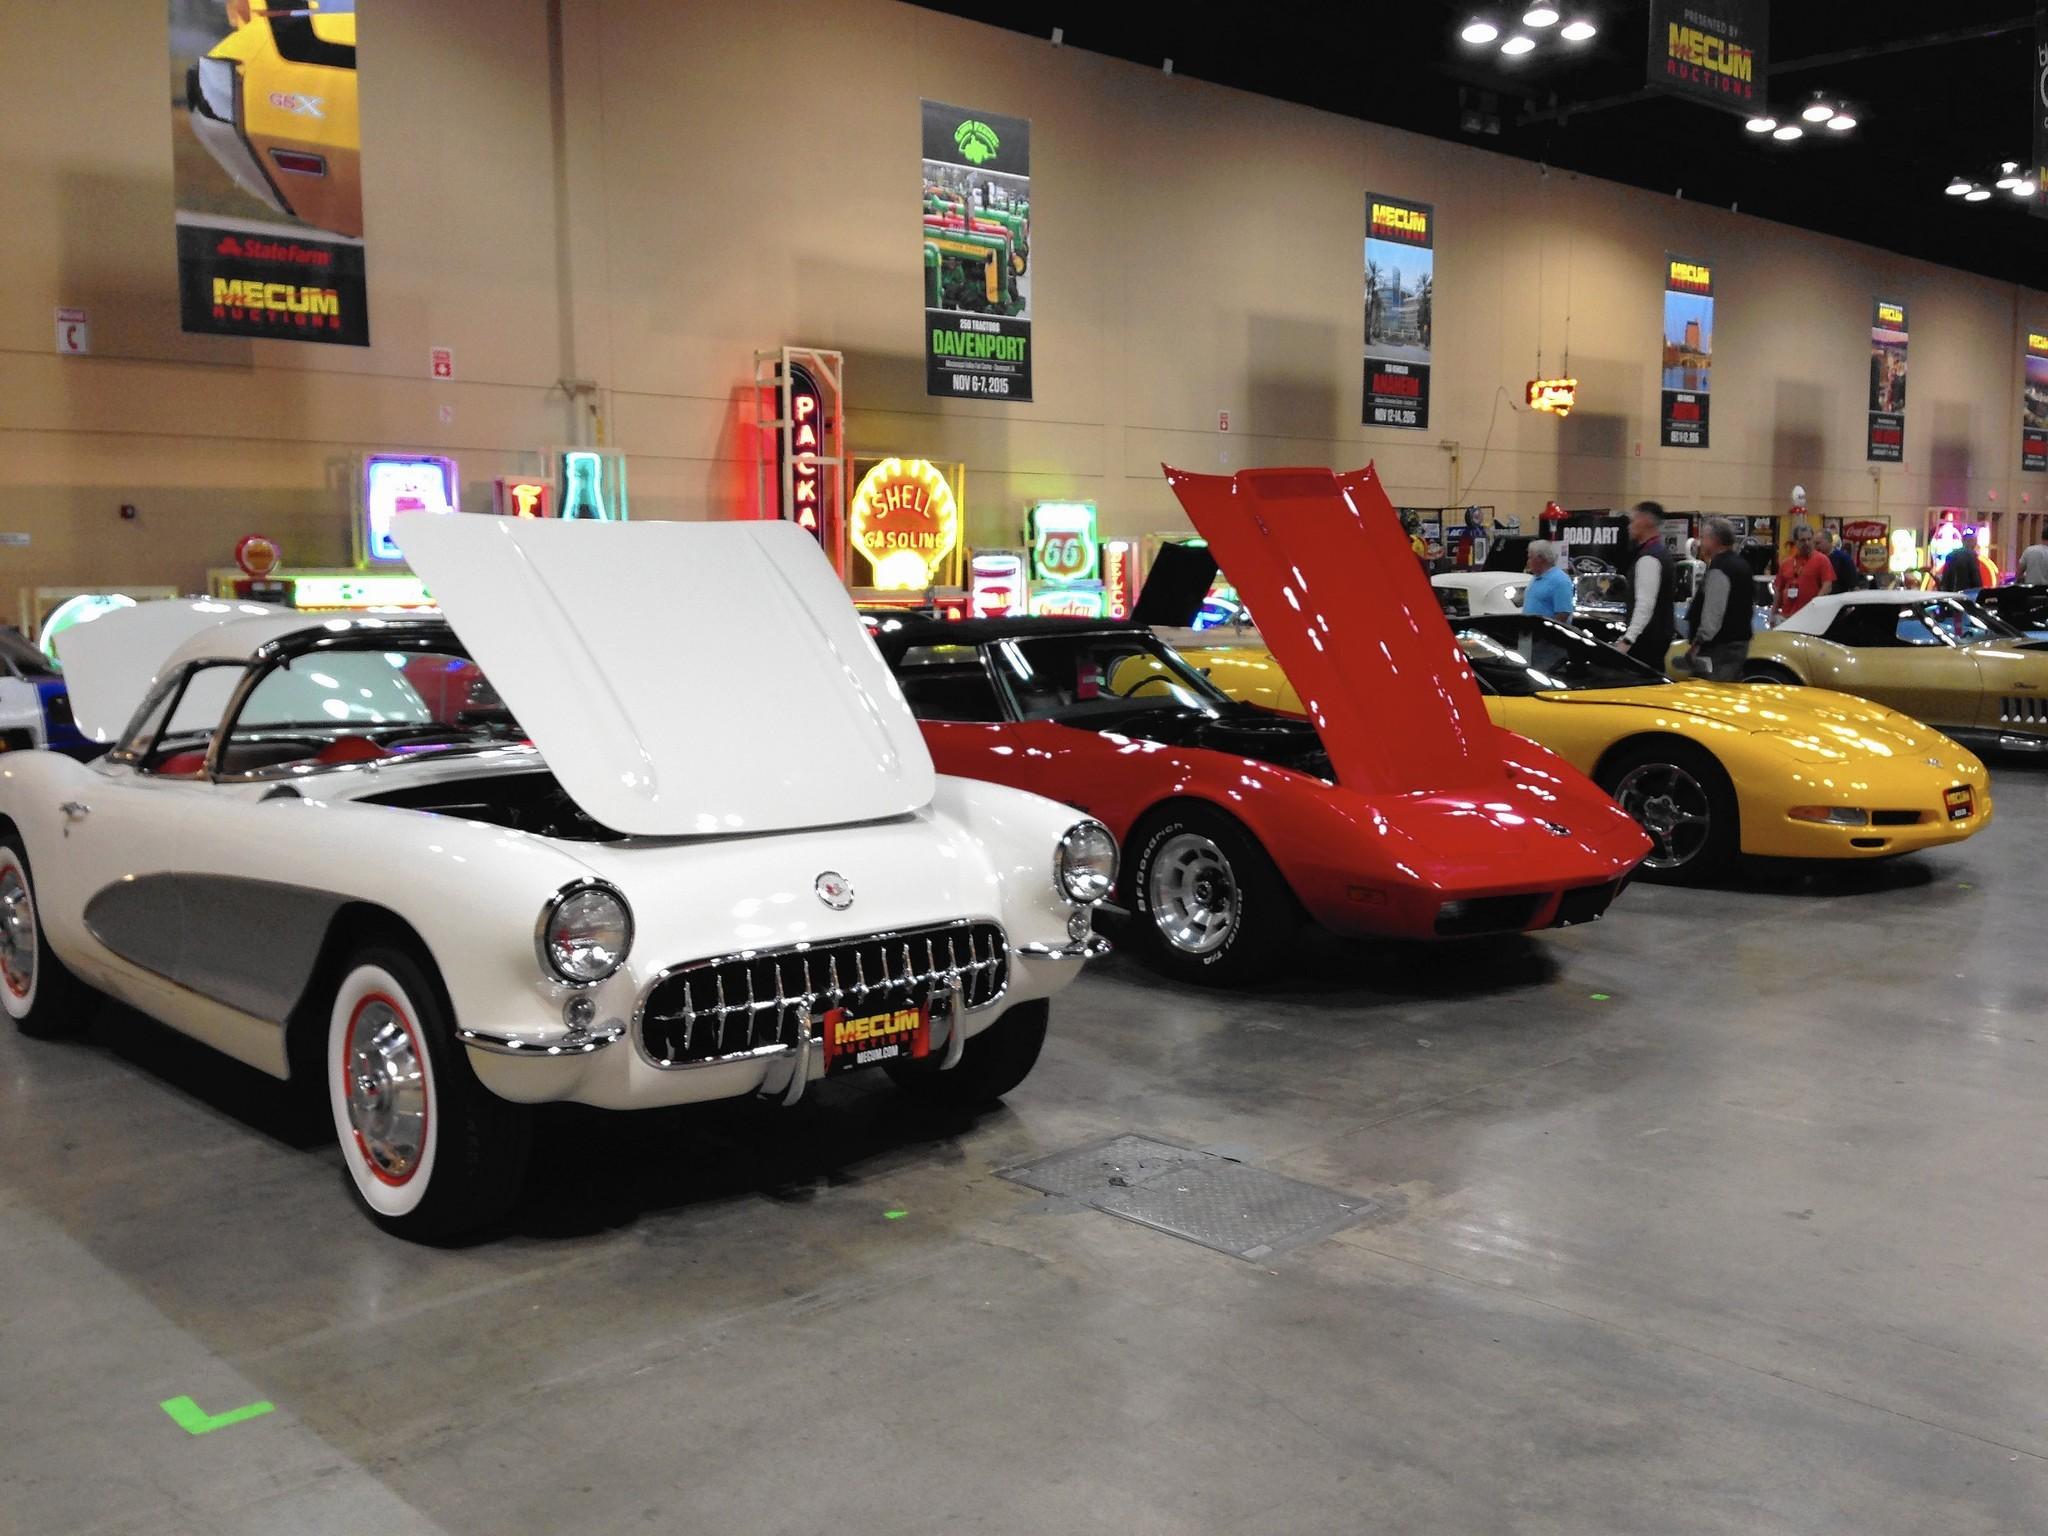 Corvette Center Ct Classic Corvettes At Mecum Auction